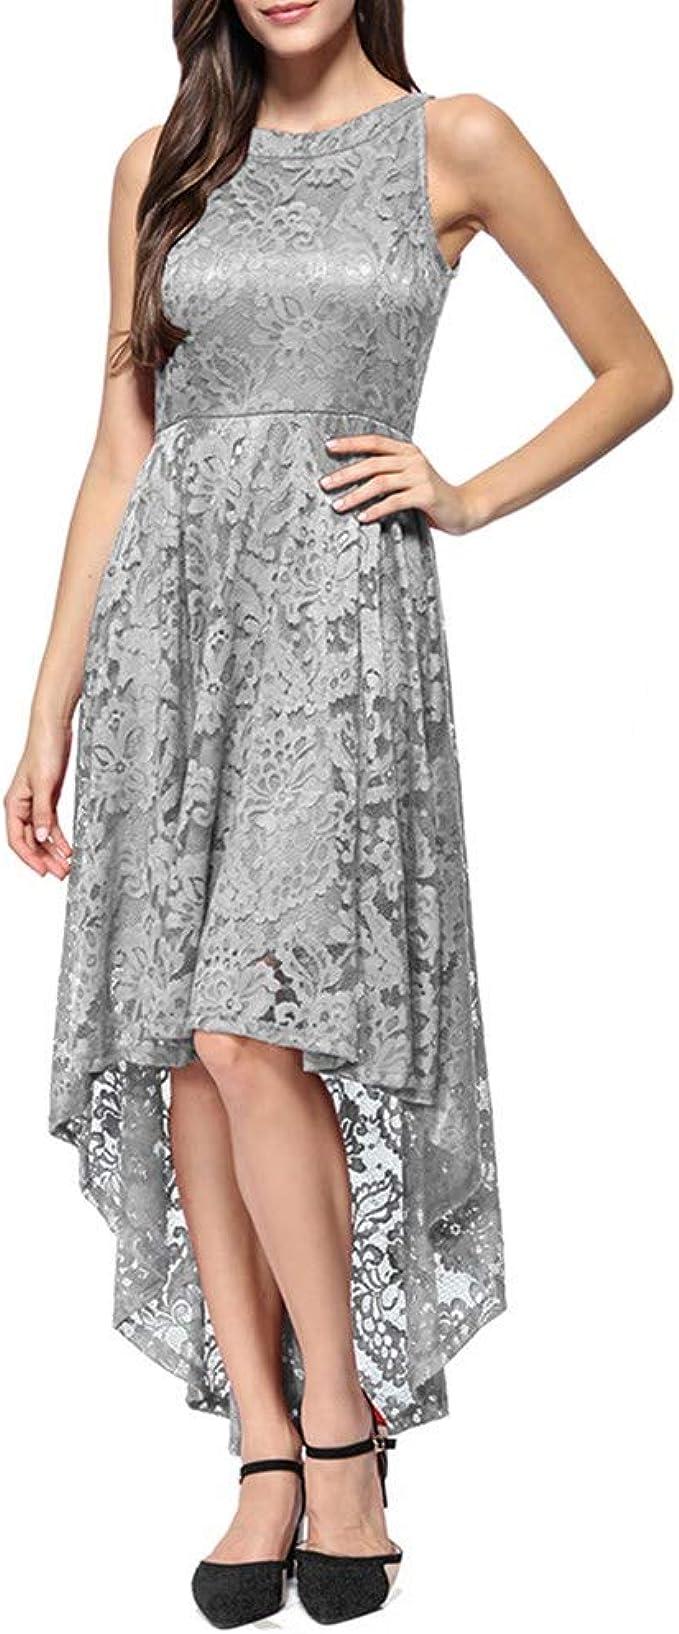 Bahoto Europäische Und Amerikanische Damenmode Sexy Abendkleid